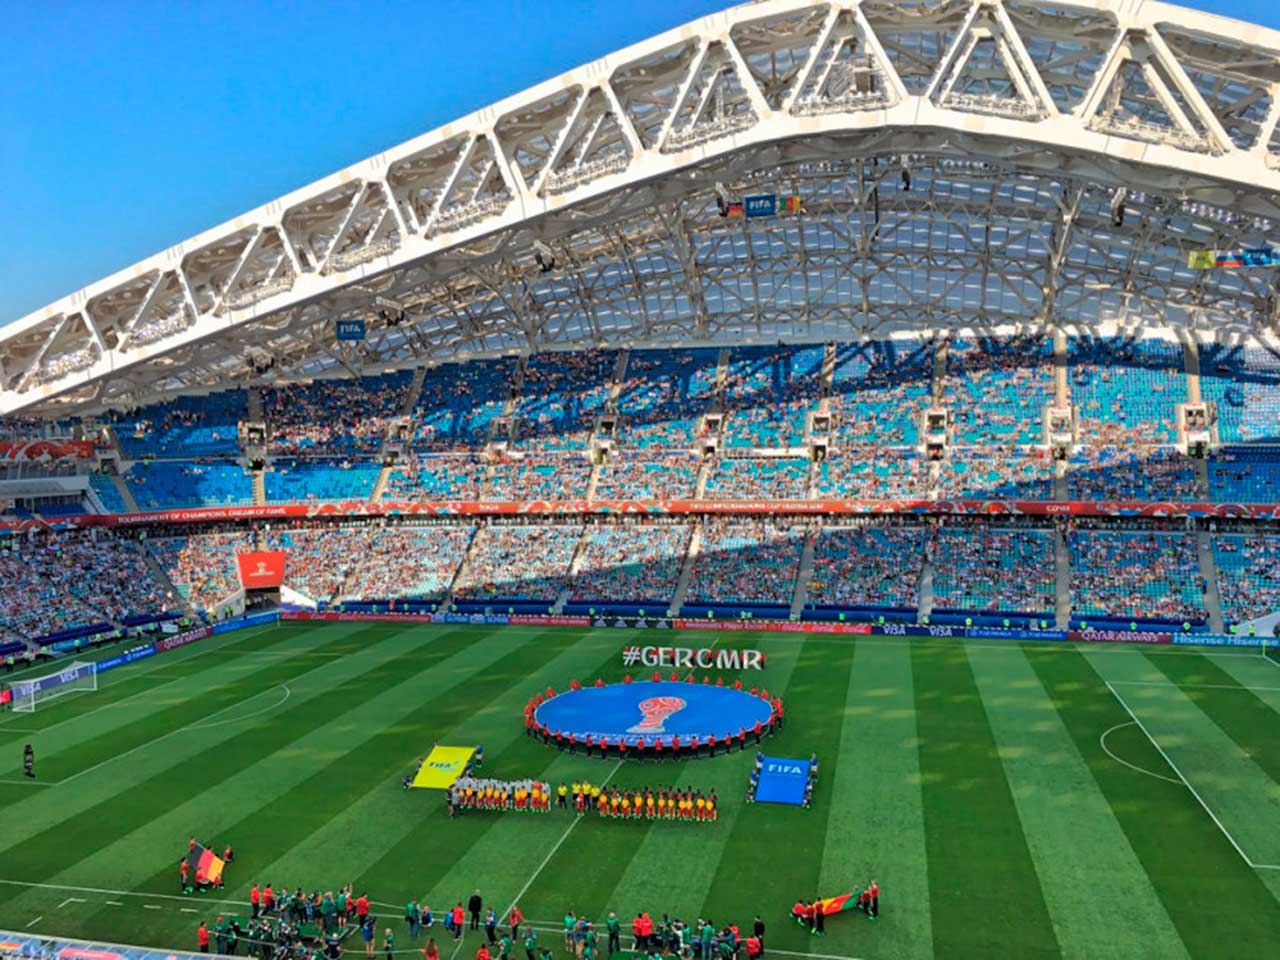 Alemania-vs-Marruecos-Estadio-Sochi-Copa-Confederaciones-2017